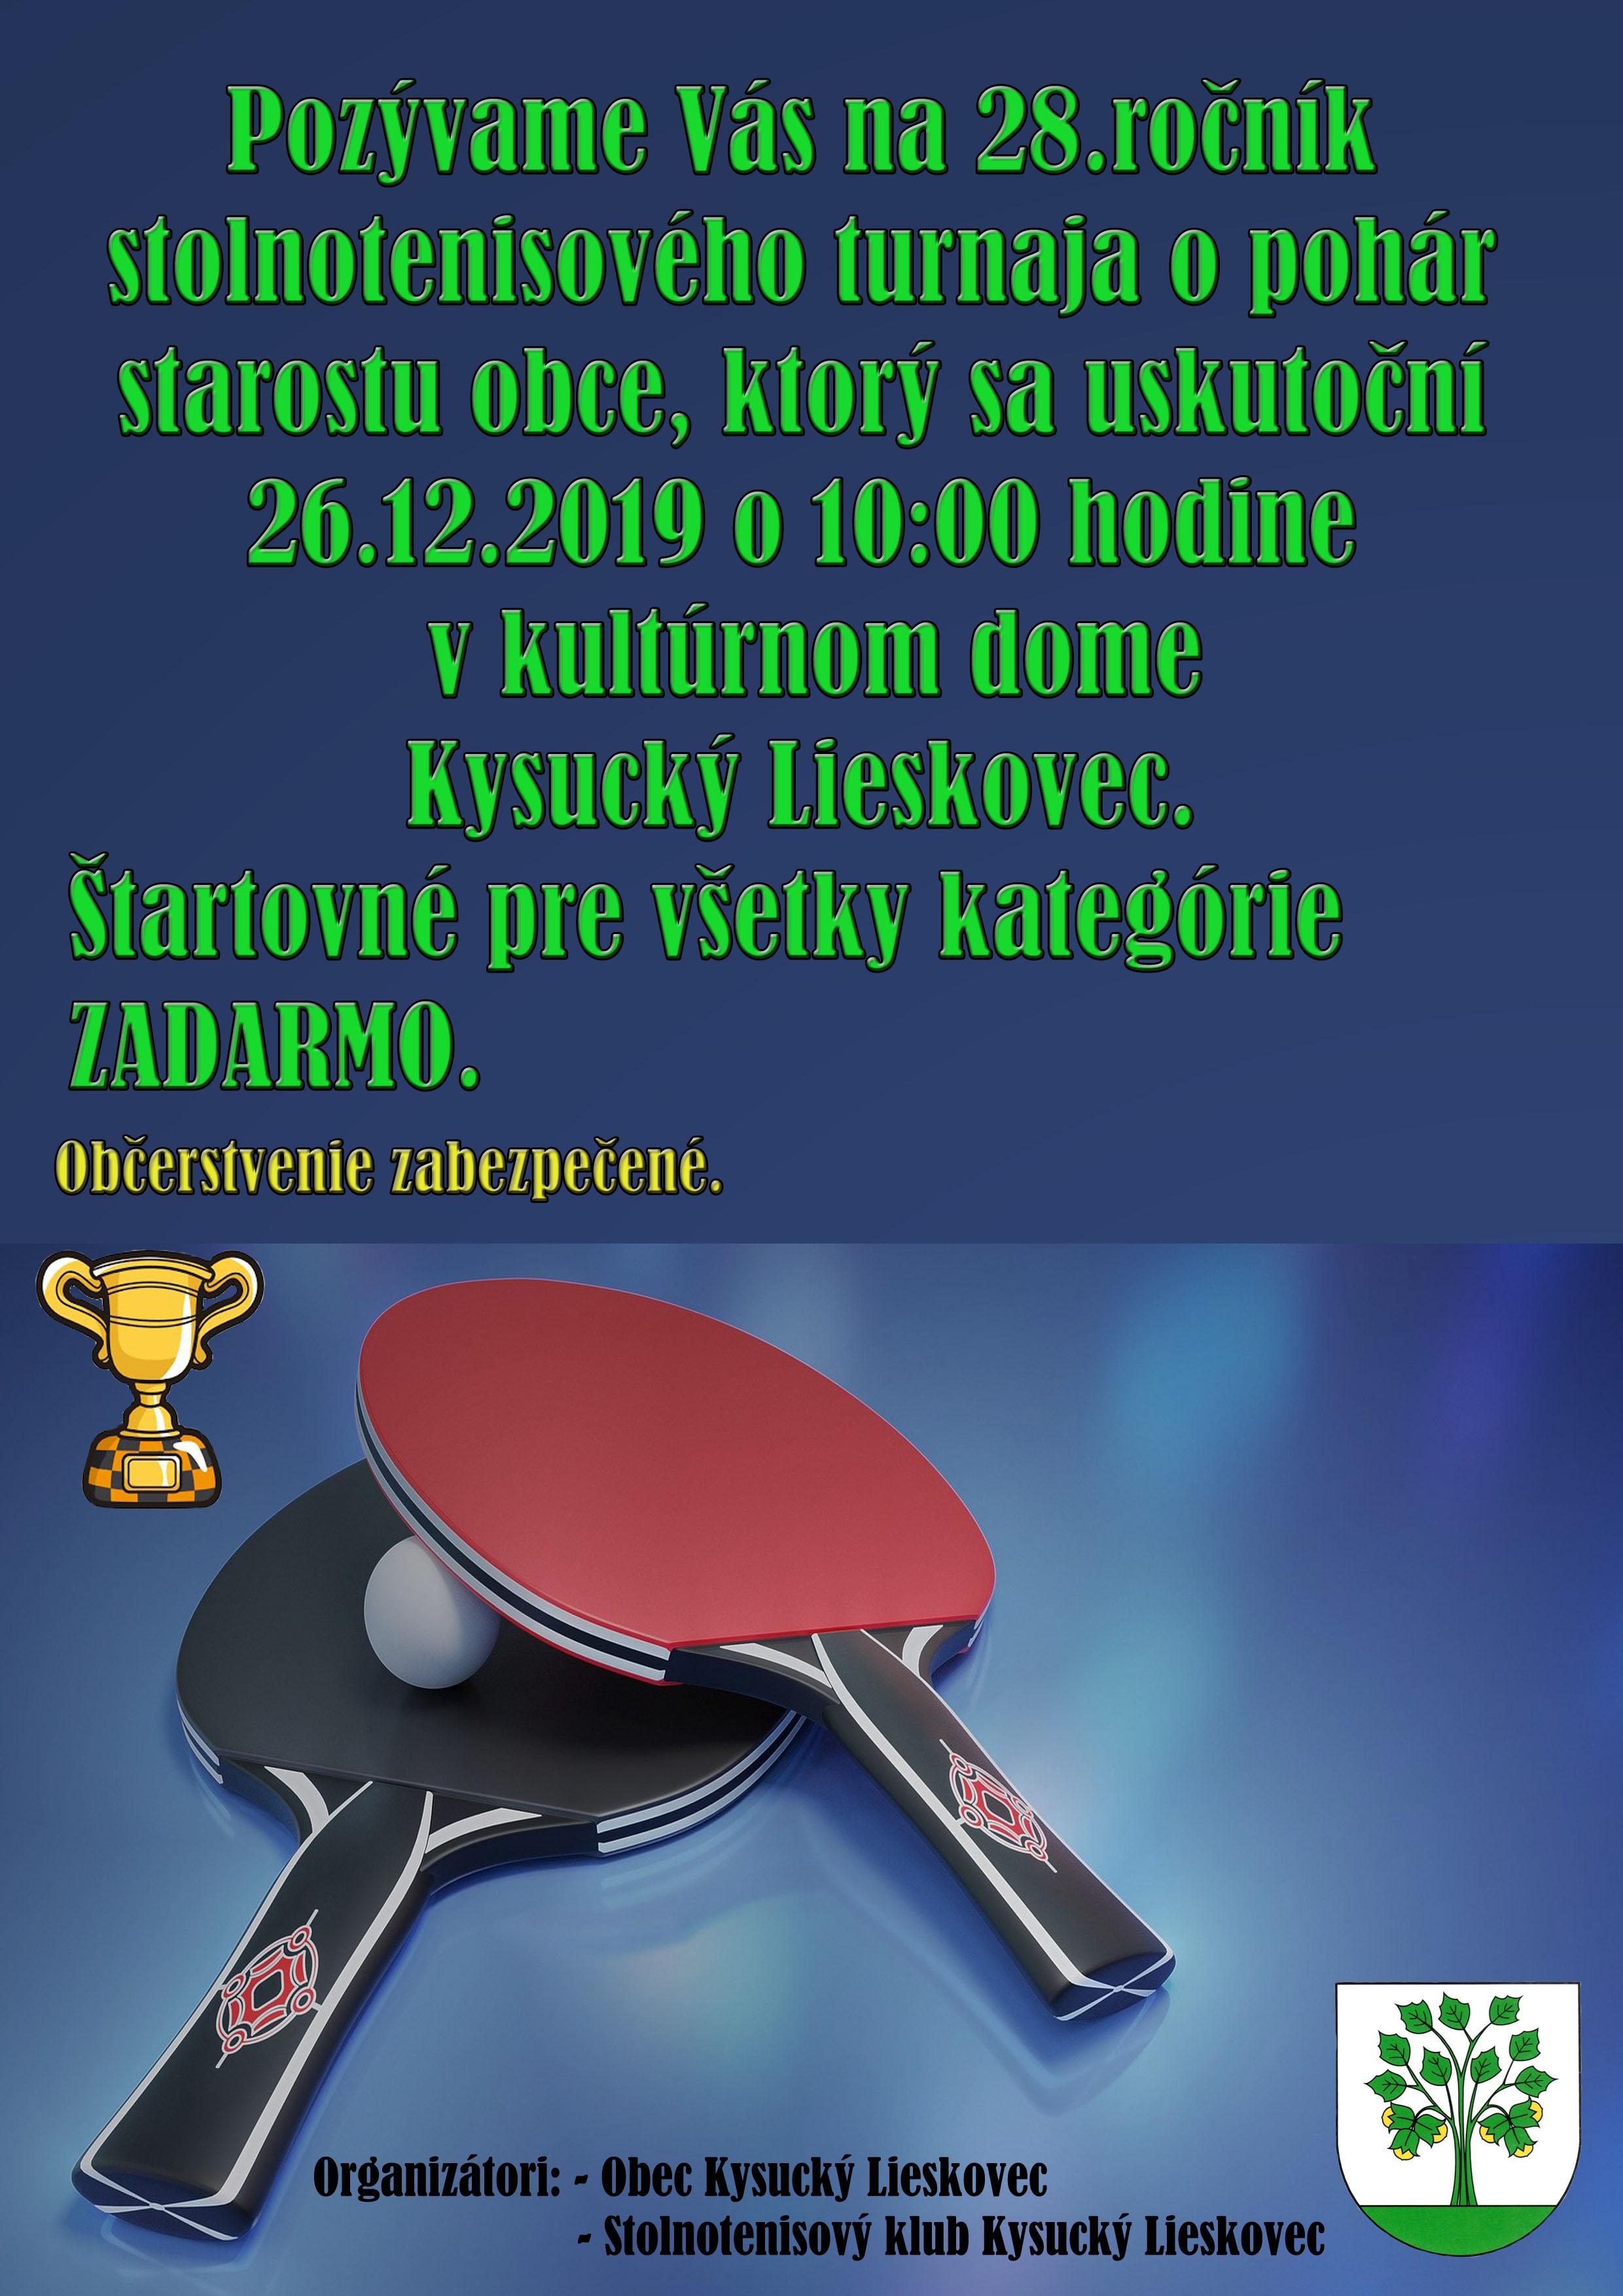 28. ročník stolnotenisového turnaja o pohár starostu obce.